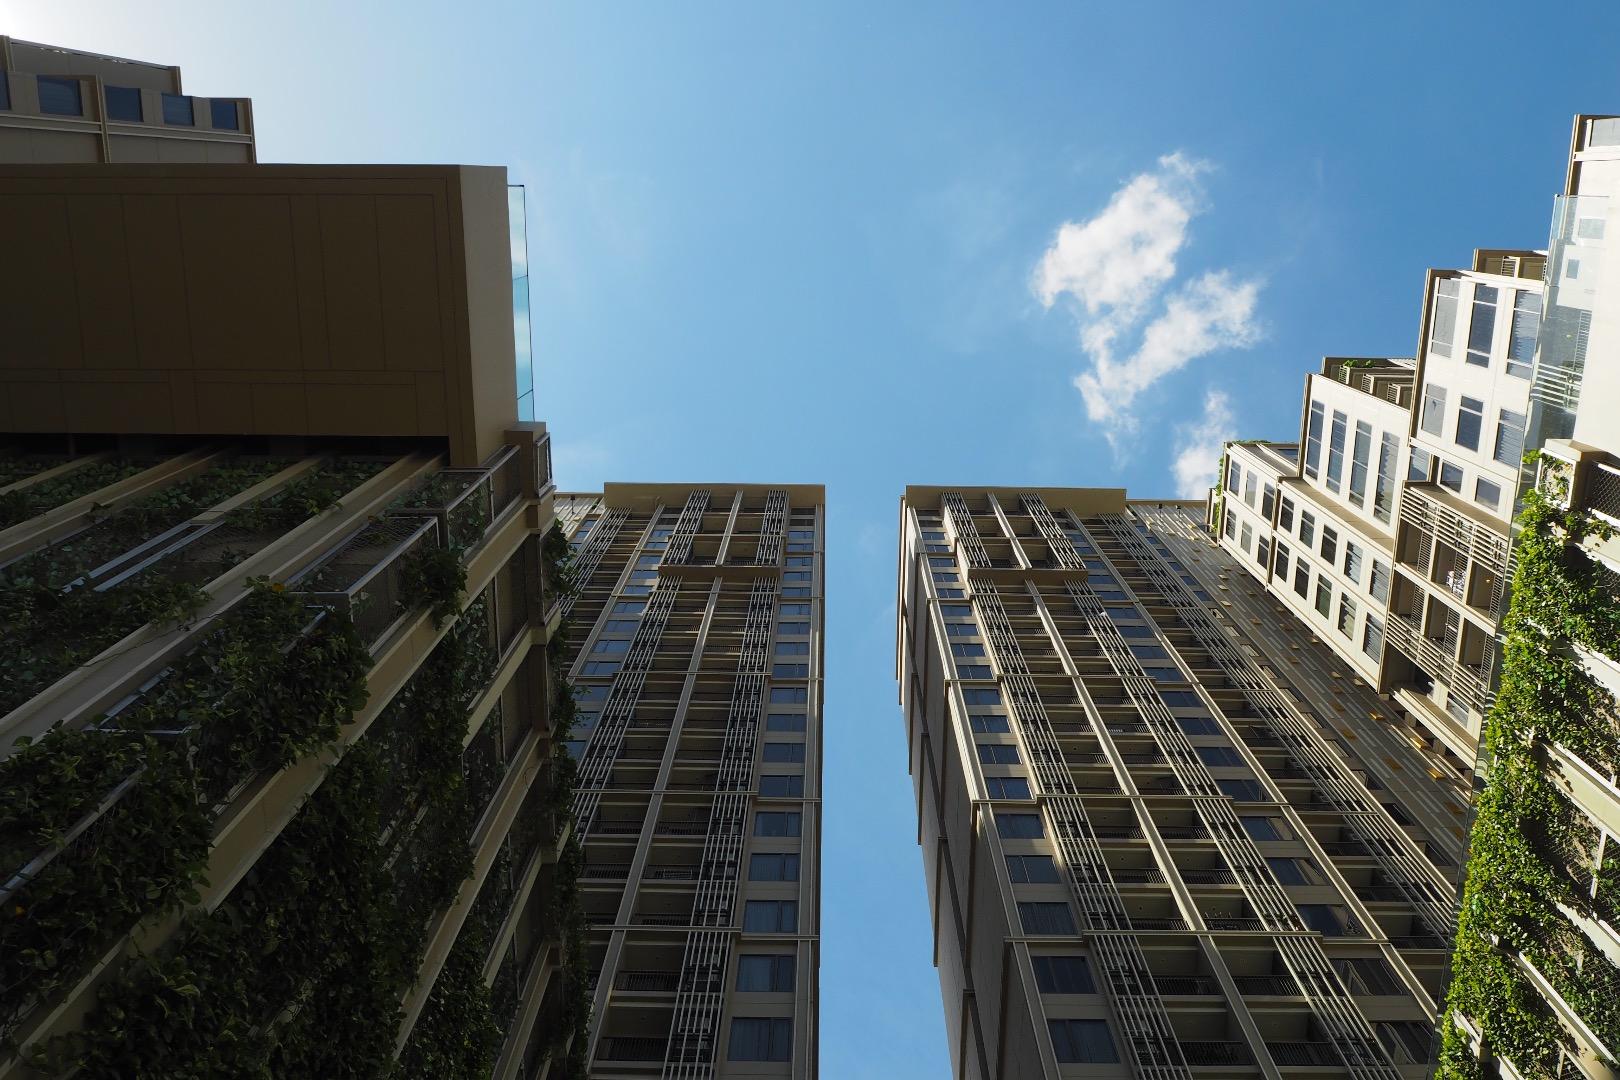 นายน์ บาย แสนสิริ [Nye by Sansiri] อาคาร 2